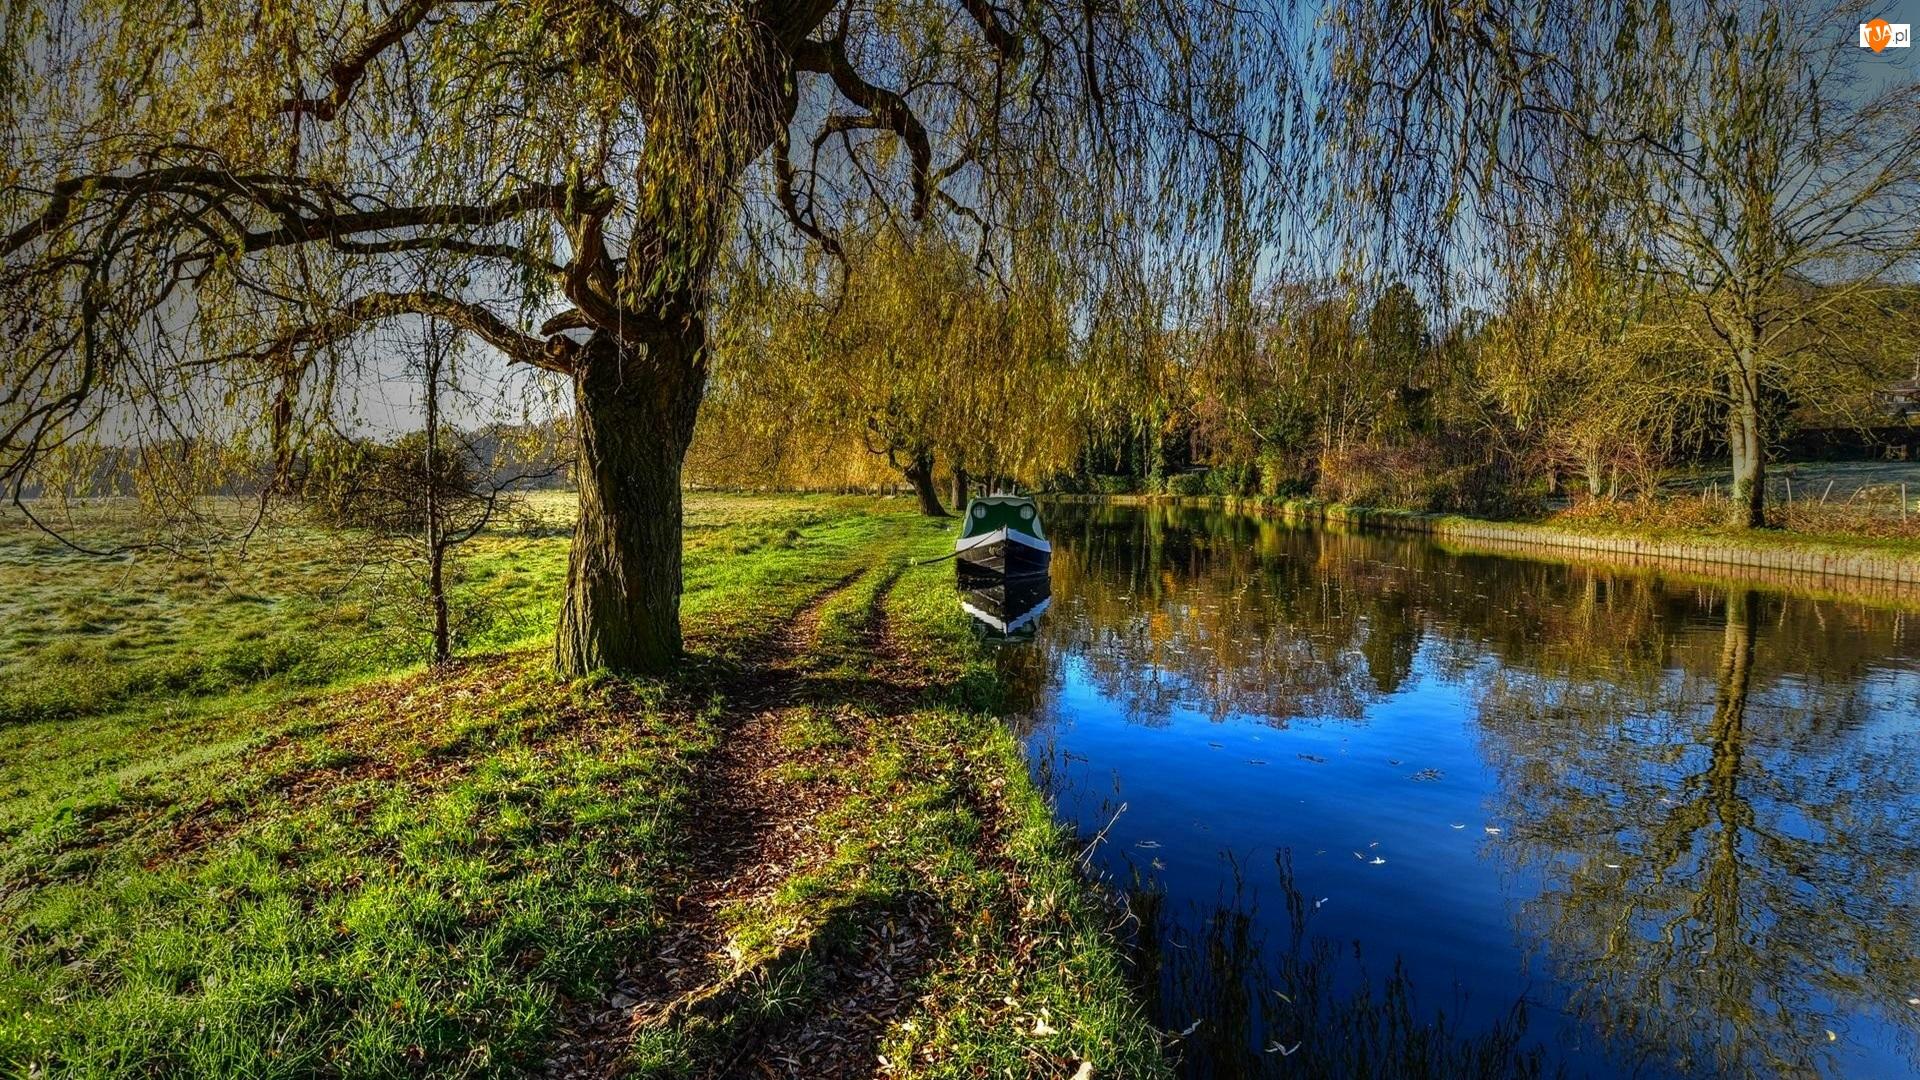 Drzewa, Park, Kanał, Łódka